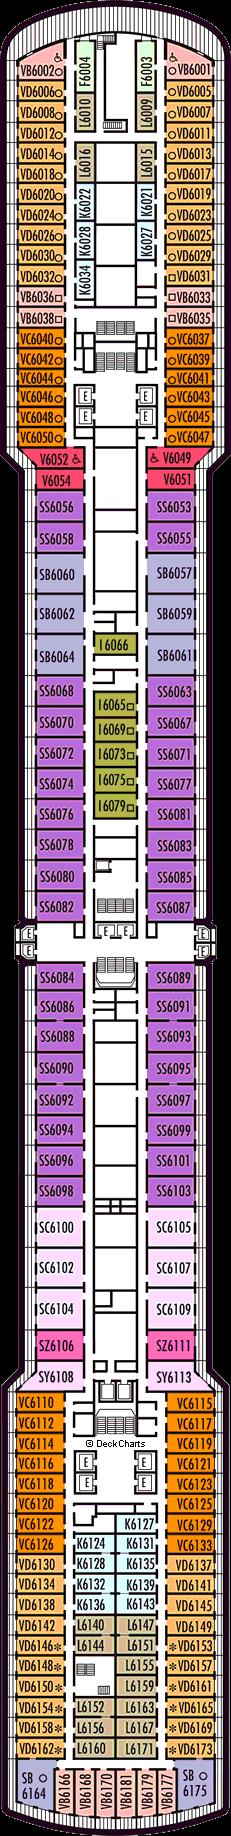 Eurodam: Upper Verandah Deck